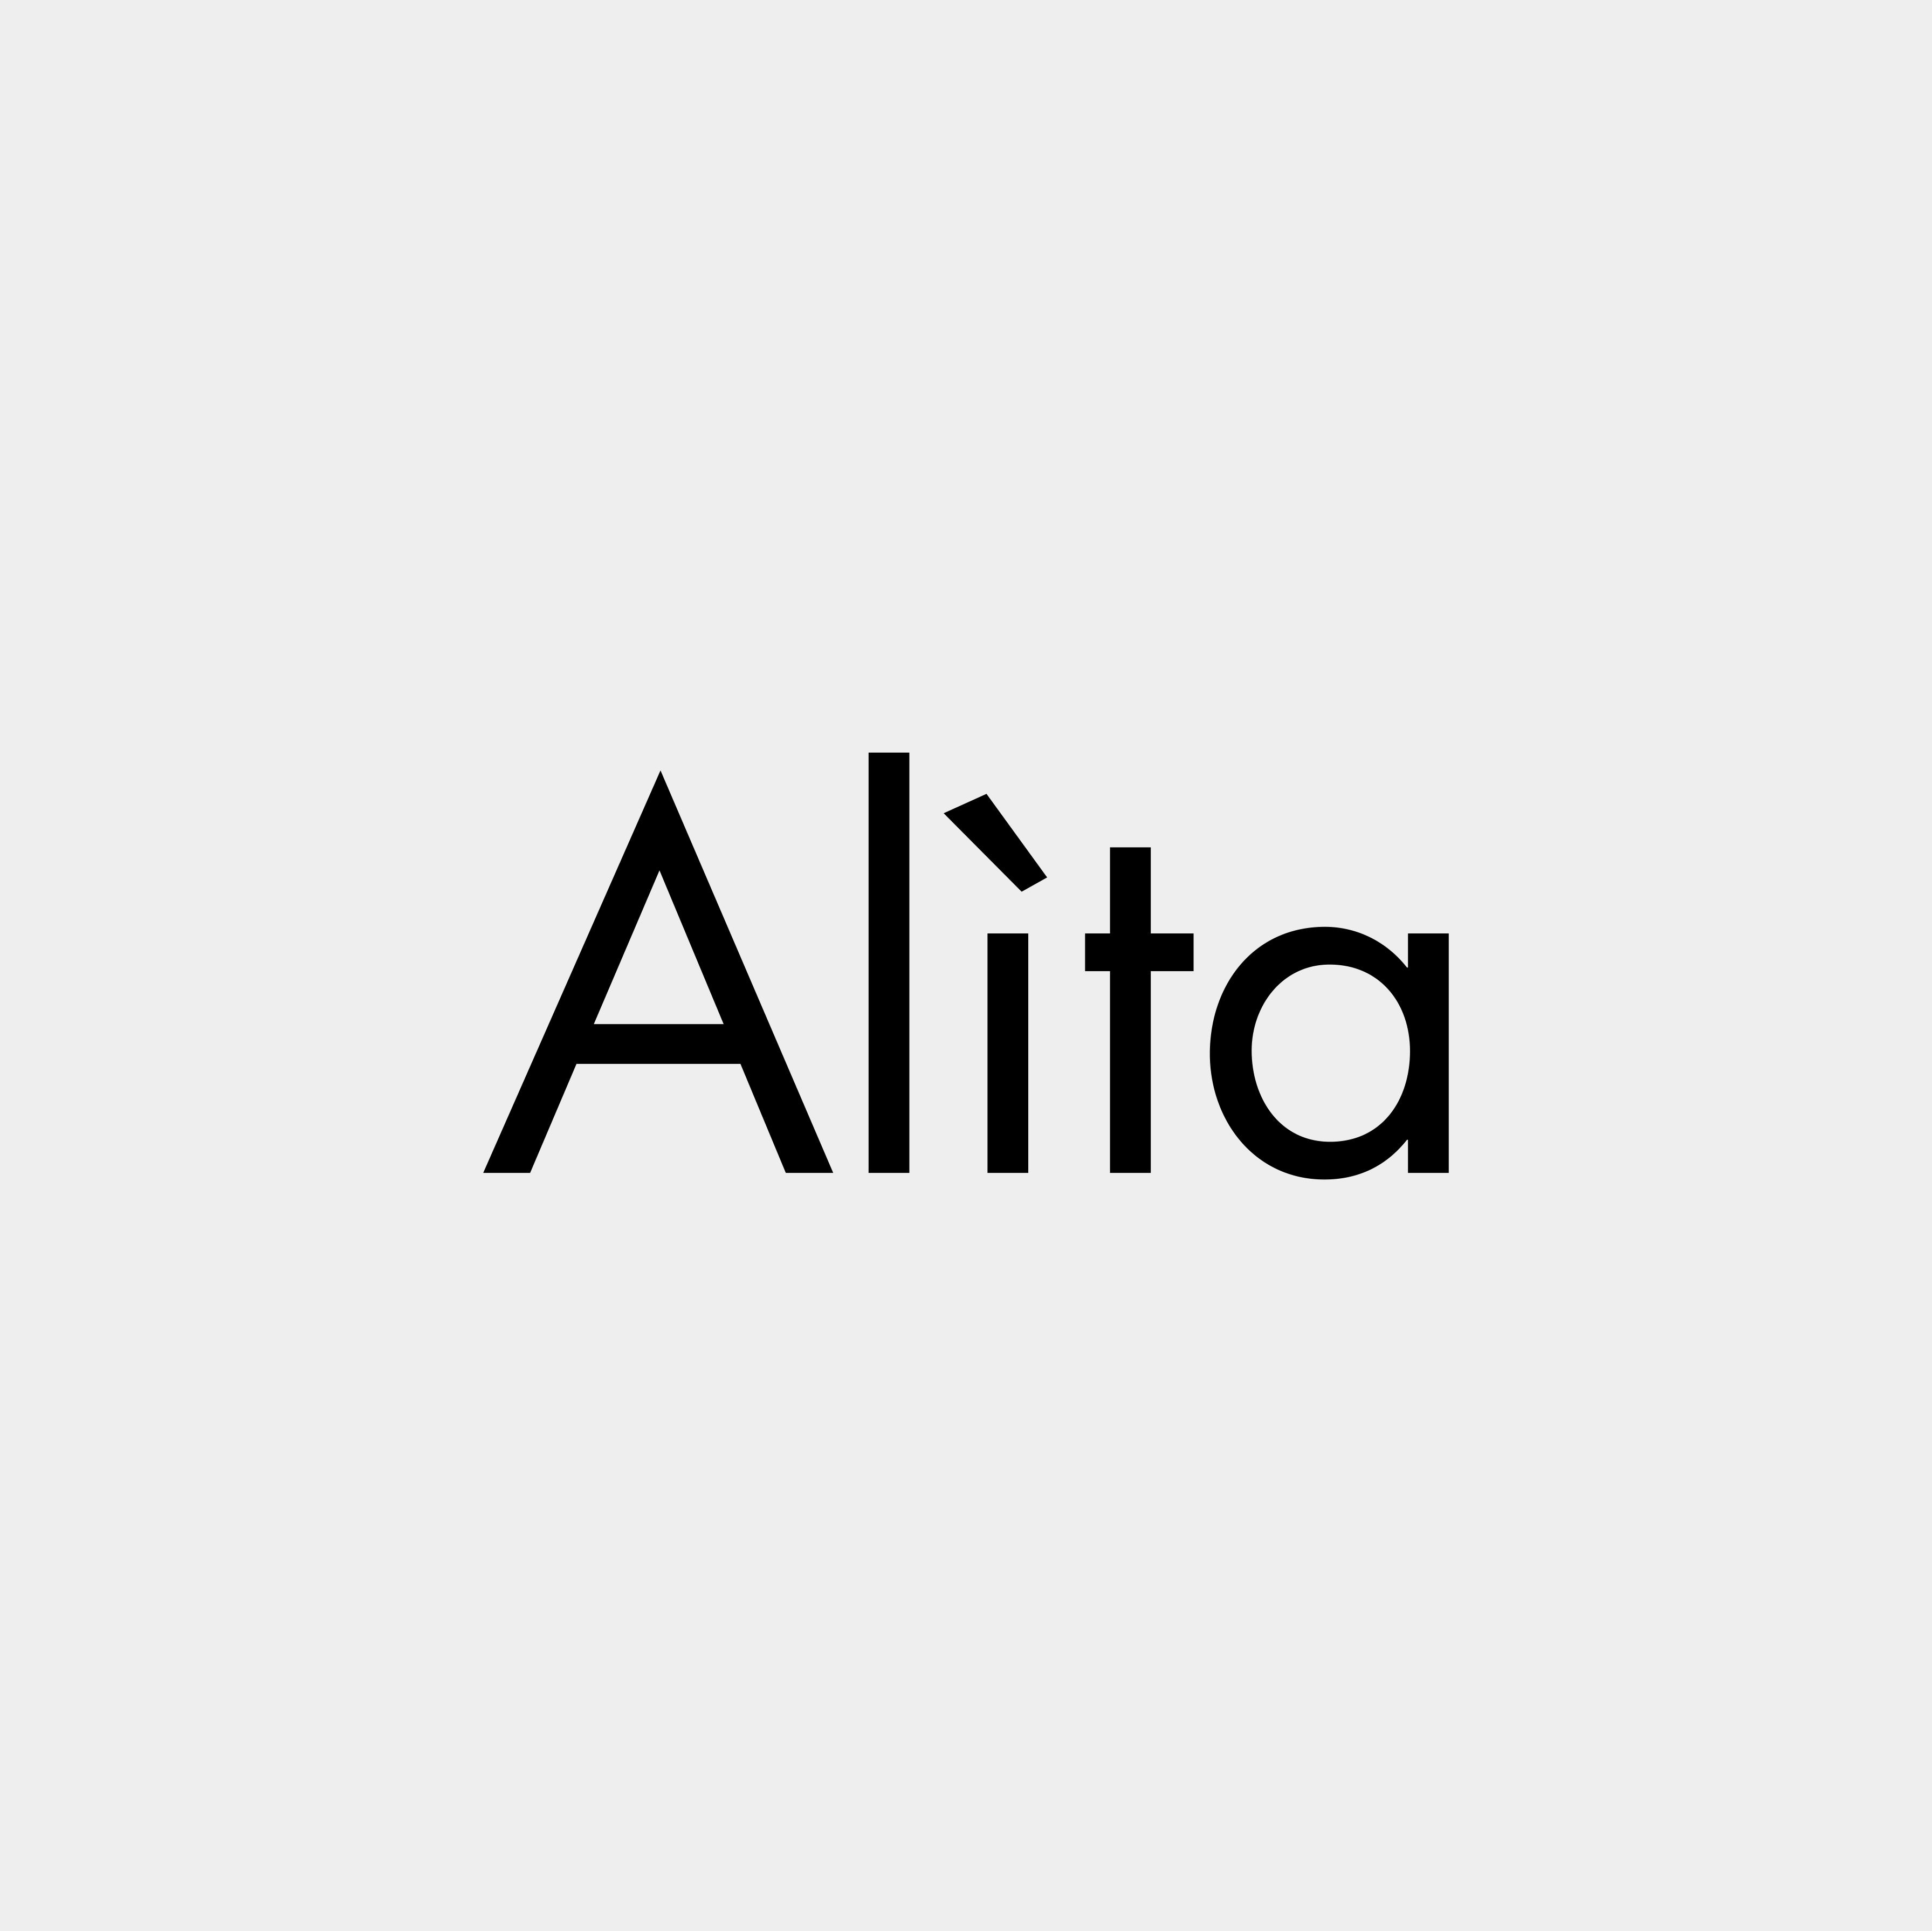 Alita Photos